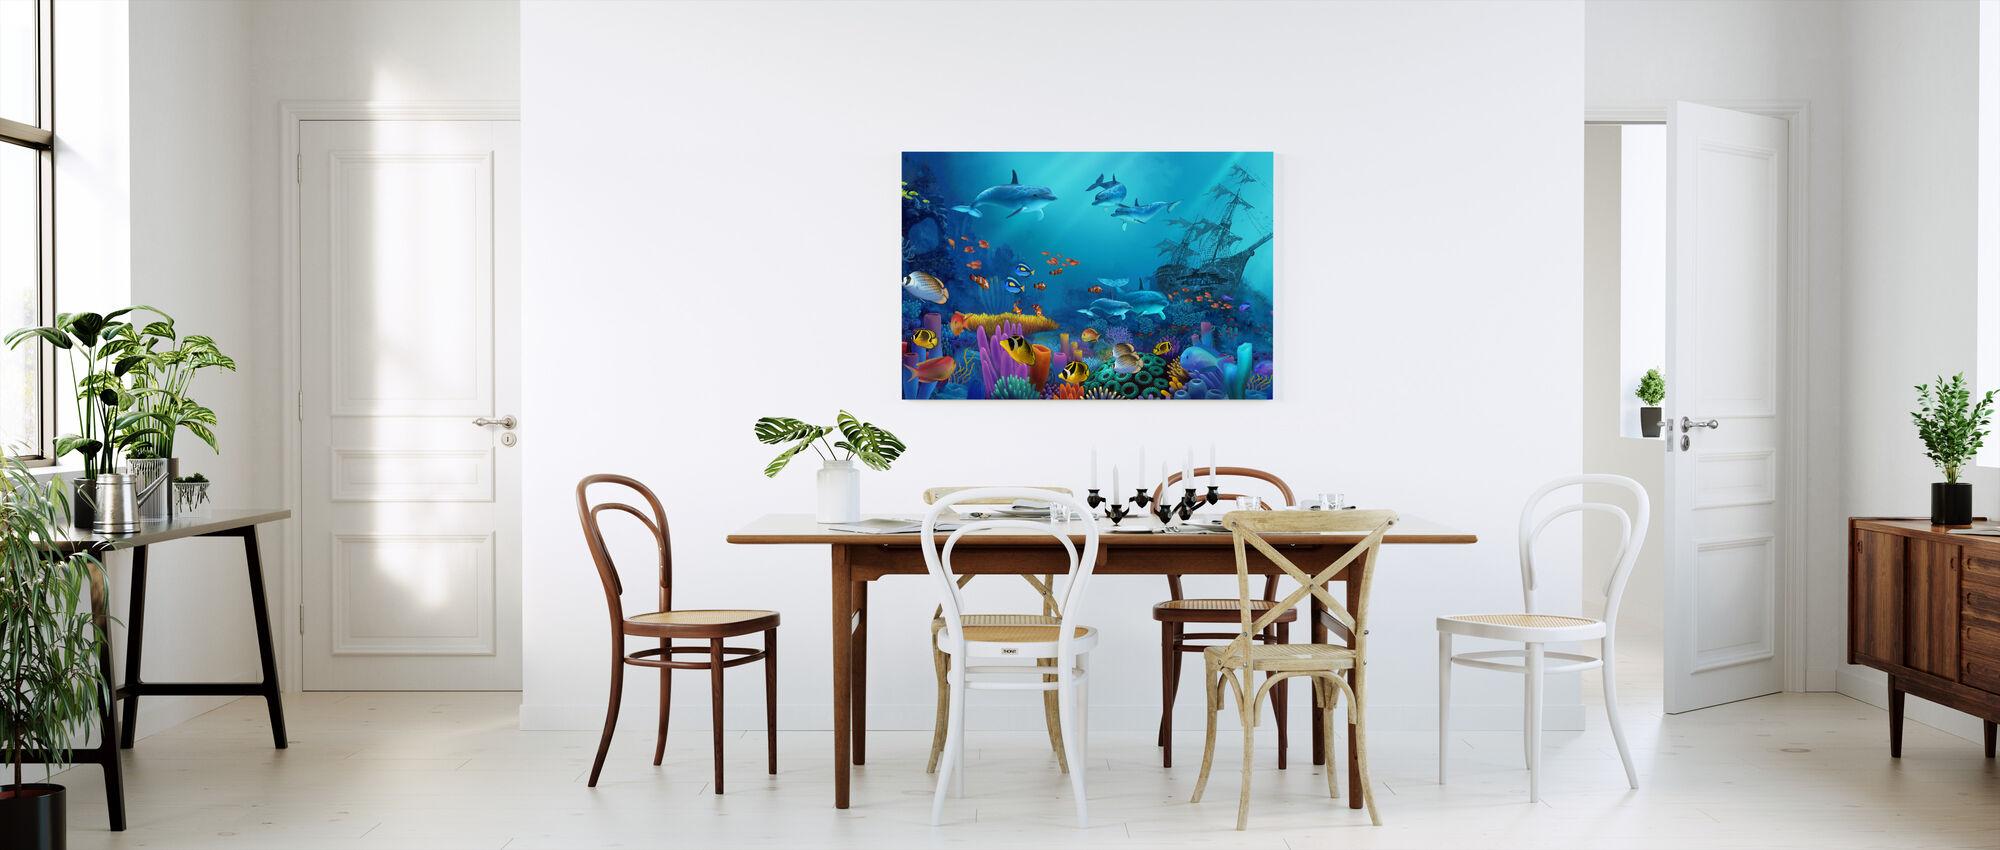 Ocean färger - Canvastavla - Kök